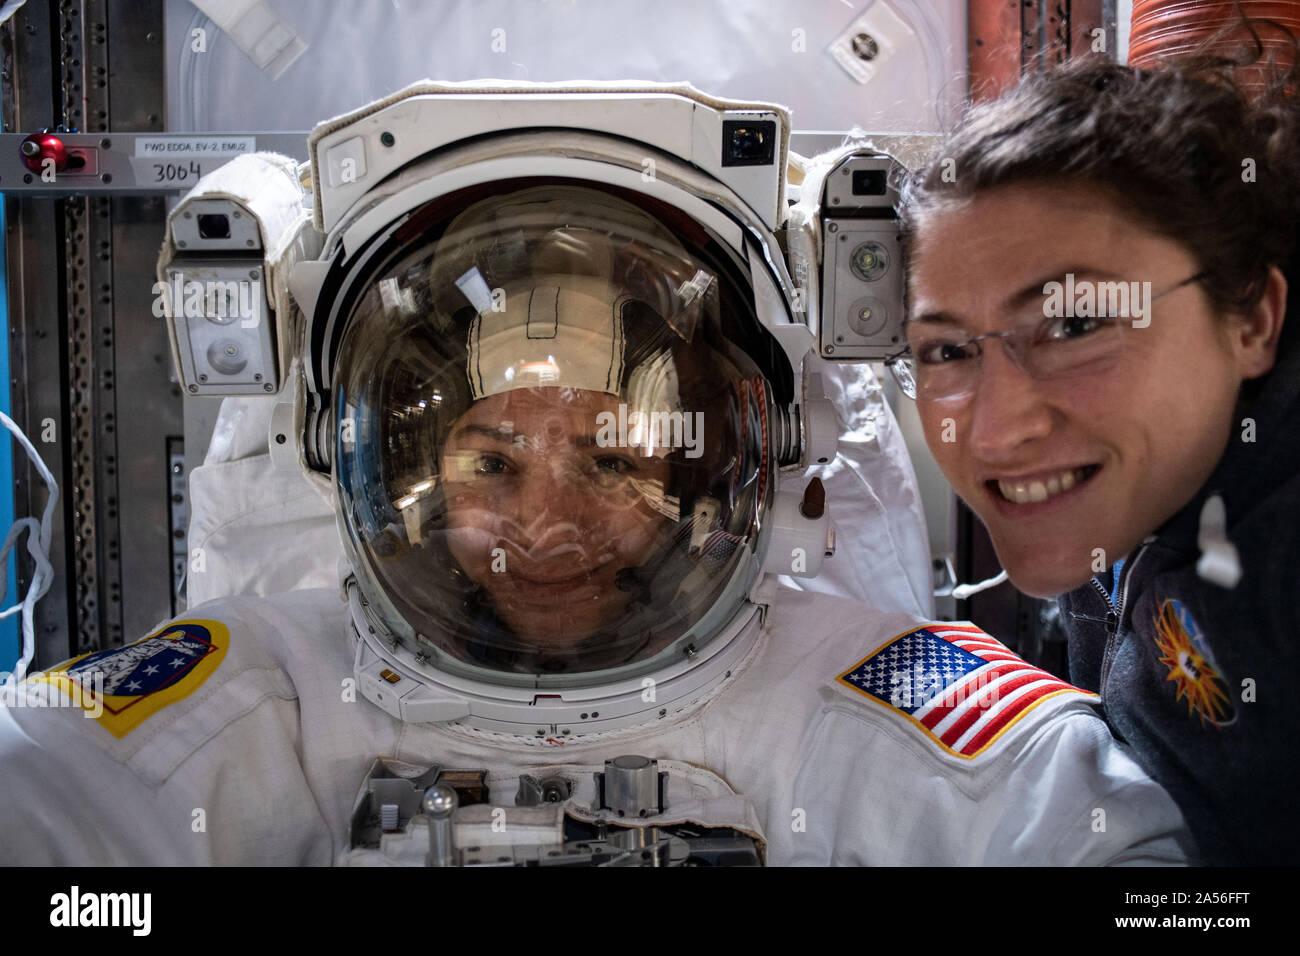 Washington, United States. 18 Oct, 2019. Les astronautes de la NASA Christina Koch (à droite) et ses collègues l'ingénieur de vol de l'Expédition 61 Jessica Meir (photo à l'intérieur d'un scaphandre spatial américain pour un ajustement) posent pour un portrait le 12 octobre 2019. Le duo se prépare pour la Station spatiale internationale, première sortie dans l'exclusivement féminin, prévu pour octobre 18, pour remplacer un contrôleur de puissance sur la poutre P6. Crédit: NASA/UPI UPI/Alamy Live News Banque D'Images